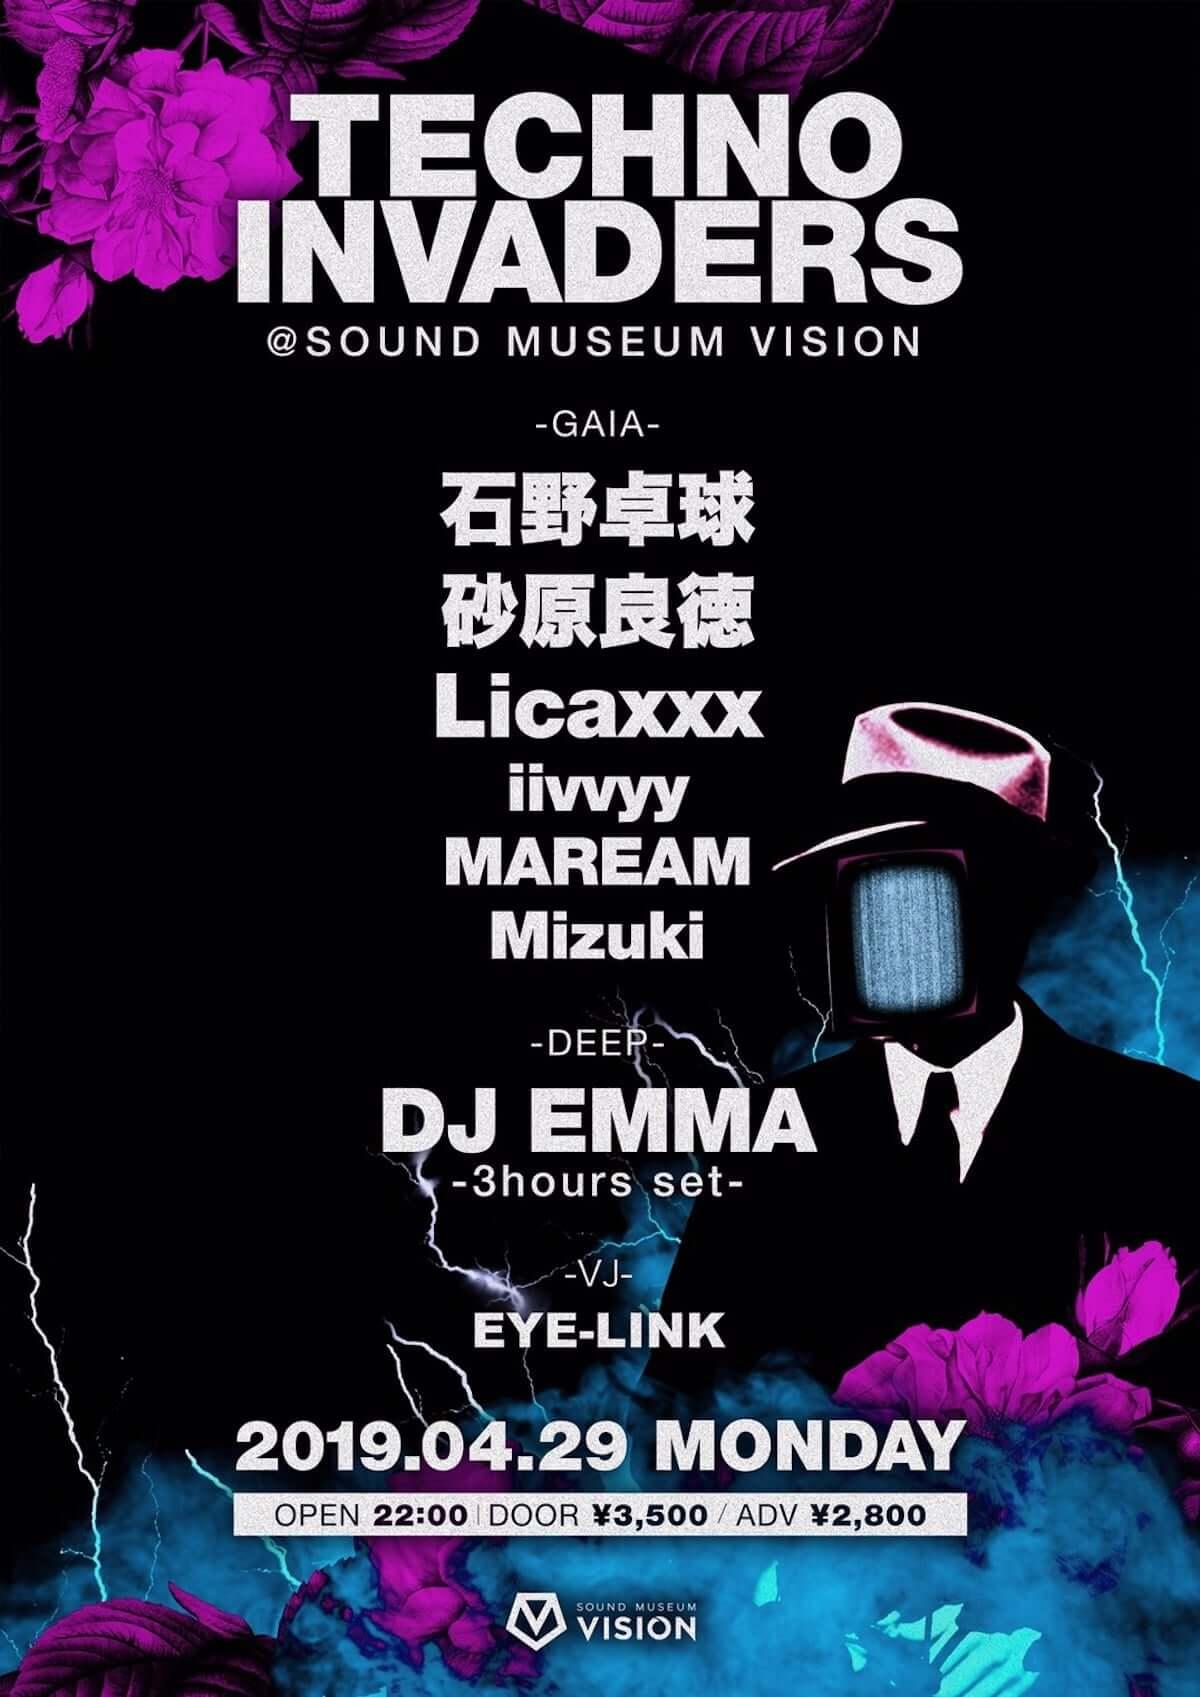 4月29日、VISIONにて<TECHNO INVADERS>が3ヶ月ぶりに開催|石野卓球、DJ EMMA登場も! music190422_technoinvaders_info-1200x1697